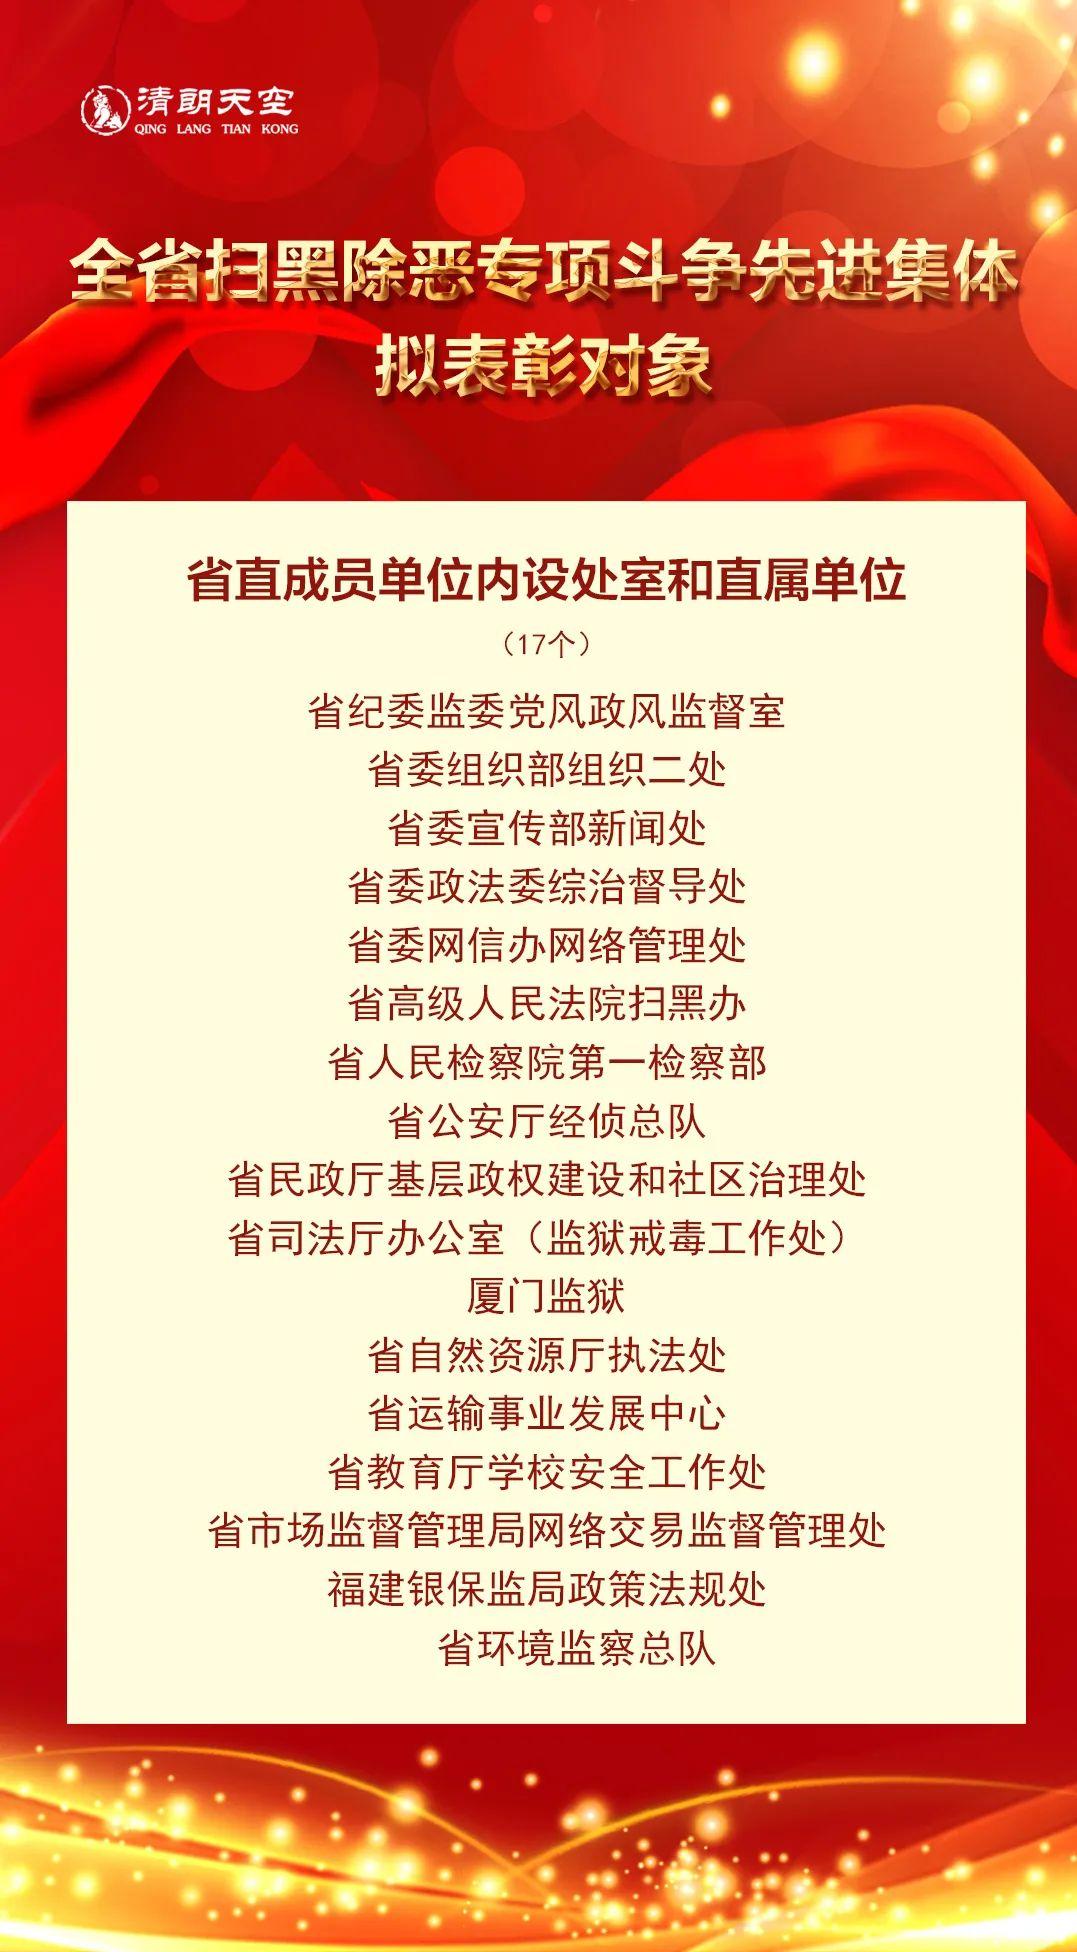 福建省扫黑除恶专项斗争先进集体拟表彰对象